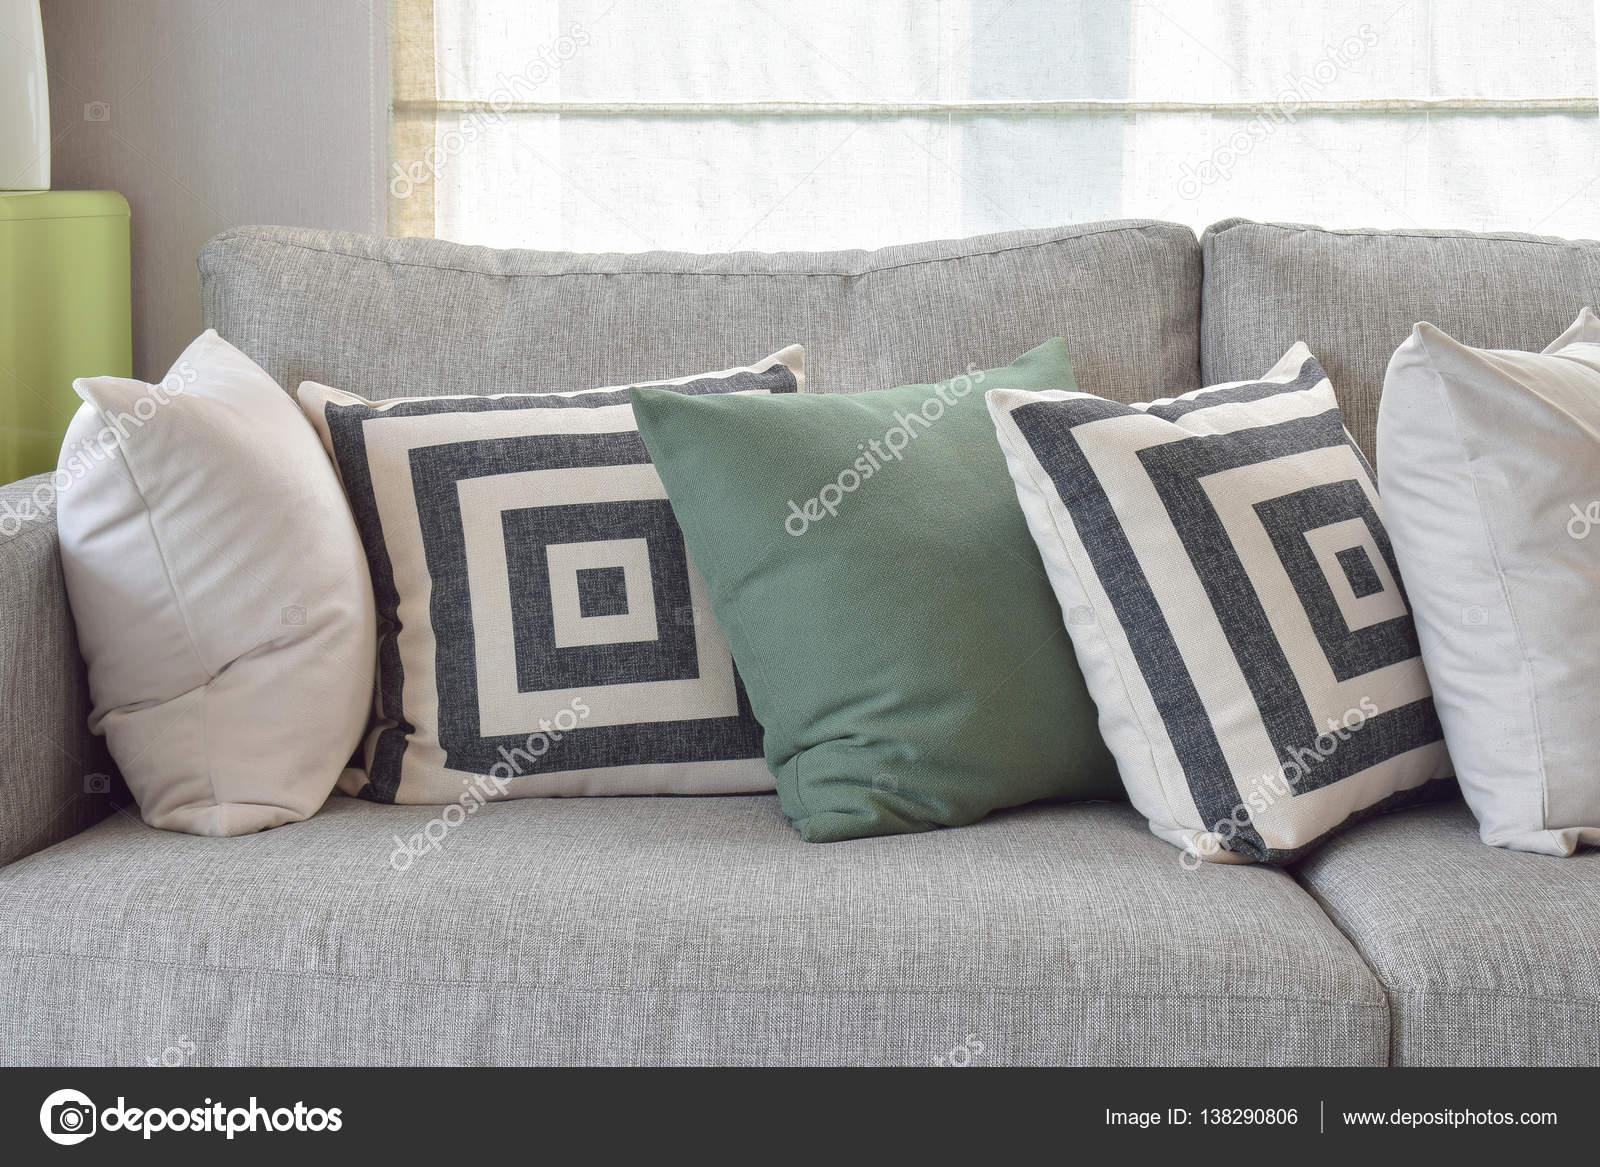 Retro Poduszki Na Przytulne Szara Sofa W Salonie Zdjęcie Stockowe